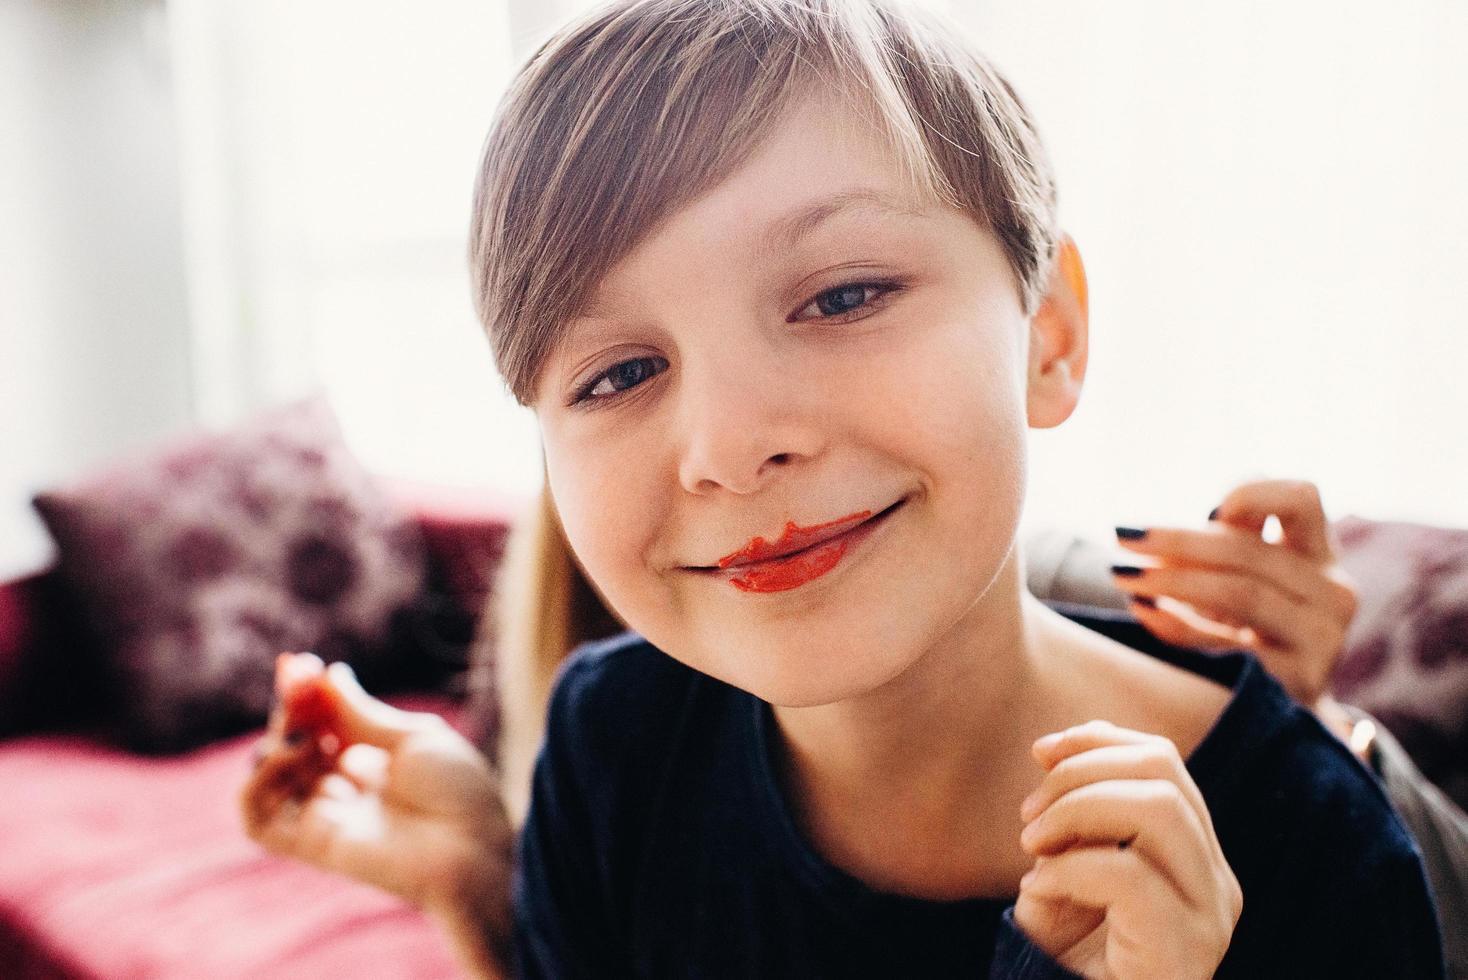 eine weich fokussierte Nahaufnahme eines süßen Jungen mit einem Gesicht, das mit essbarer heller Farbcreme bemalt ist, mit Clownlippen lächelt, ein heller Raum im Hintergrund foto